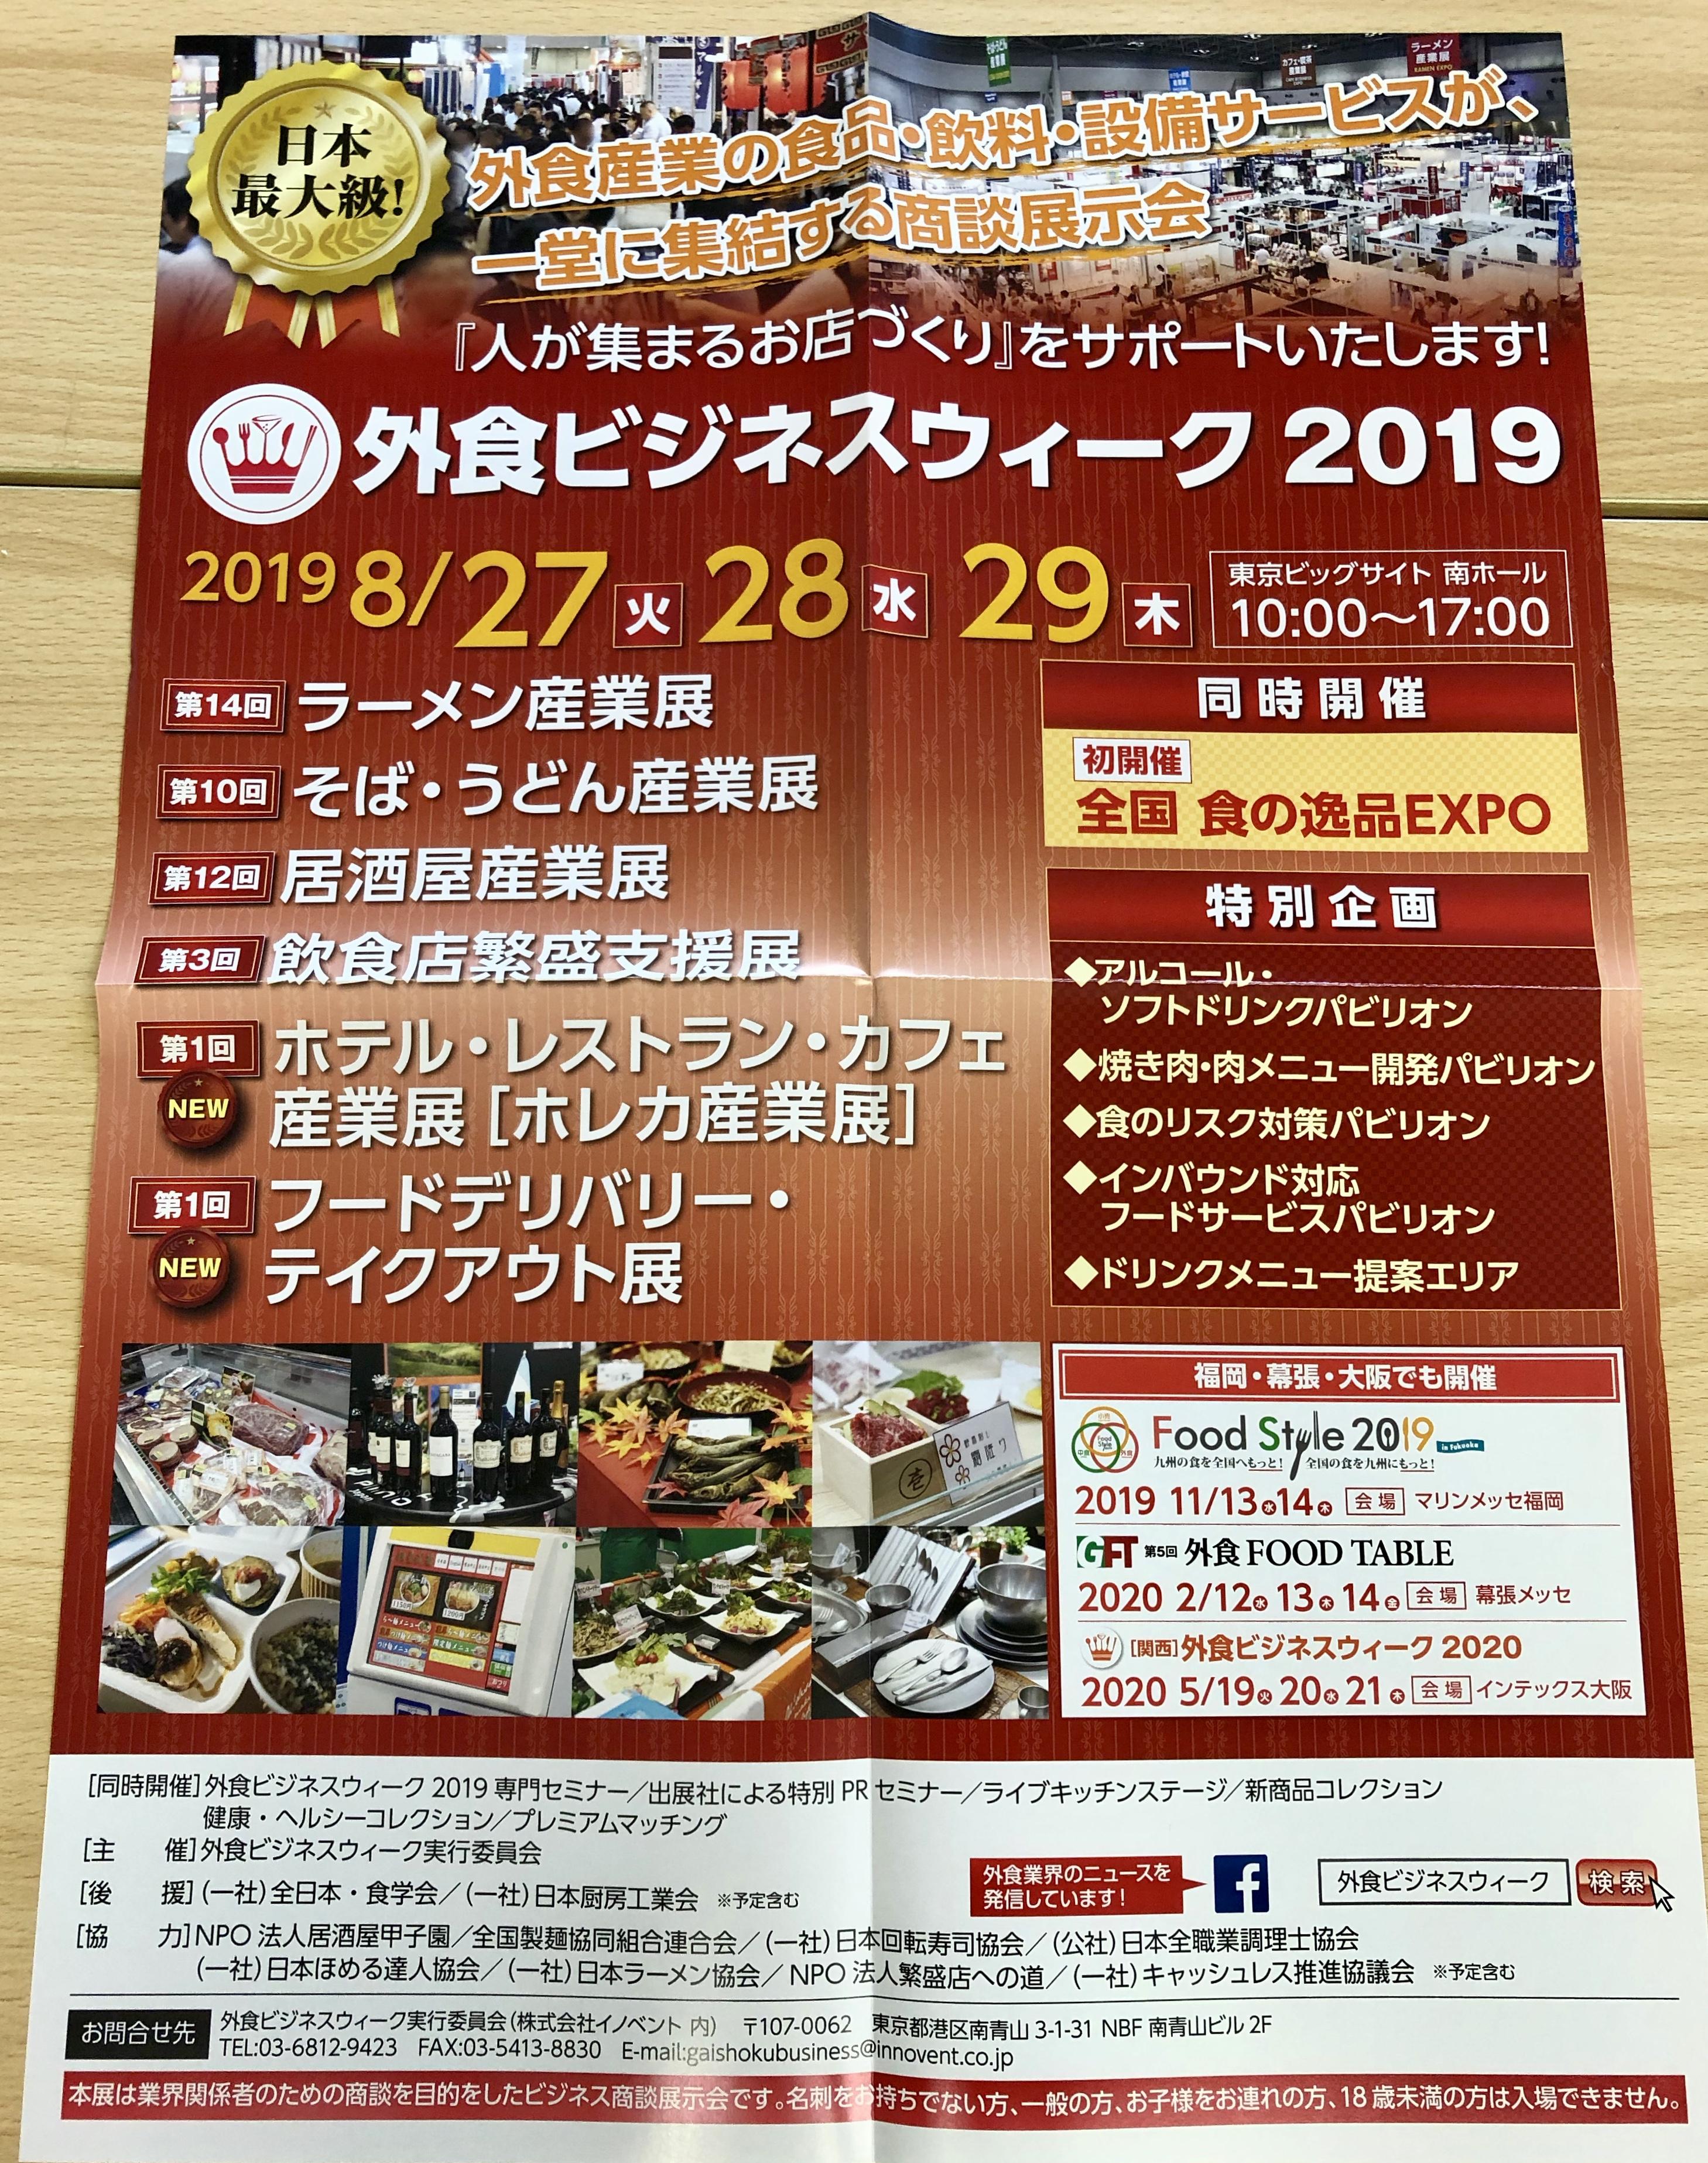 <8月29日まで>外食ビジネスウィーク2019 第14回ラーメン産業展のご案内